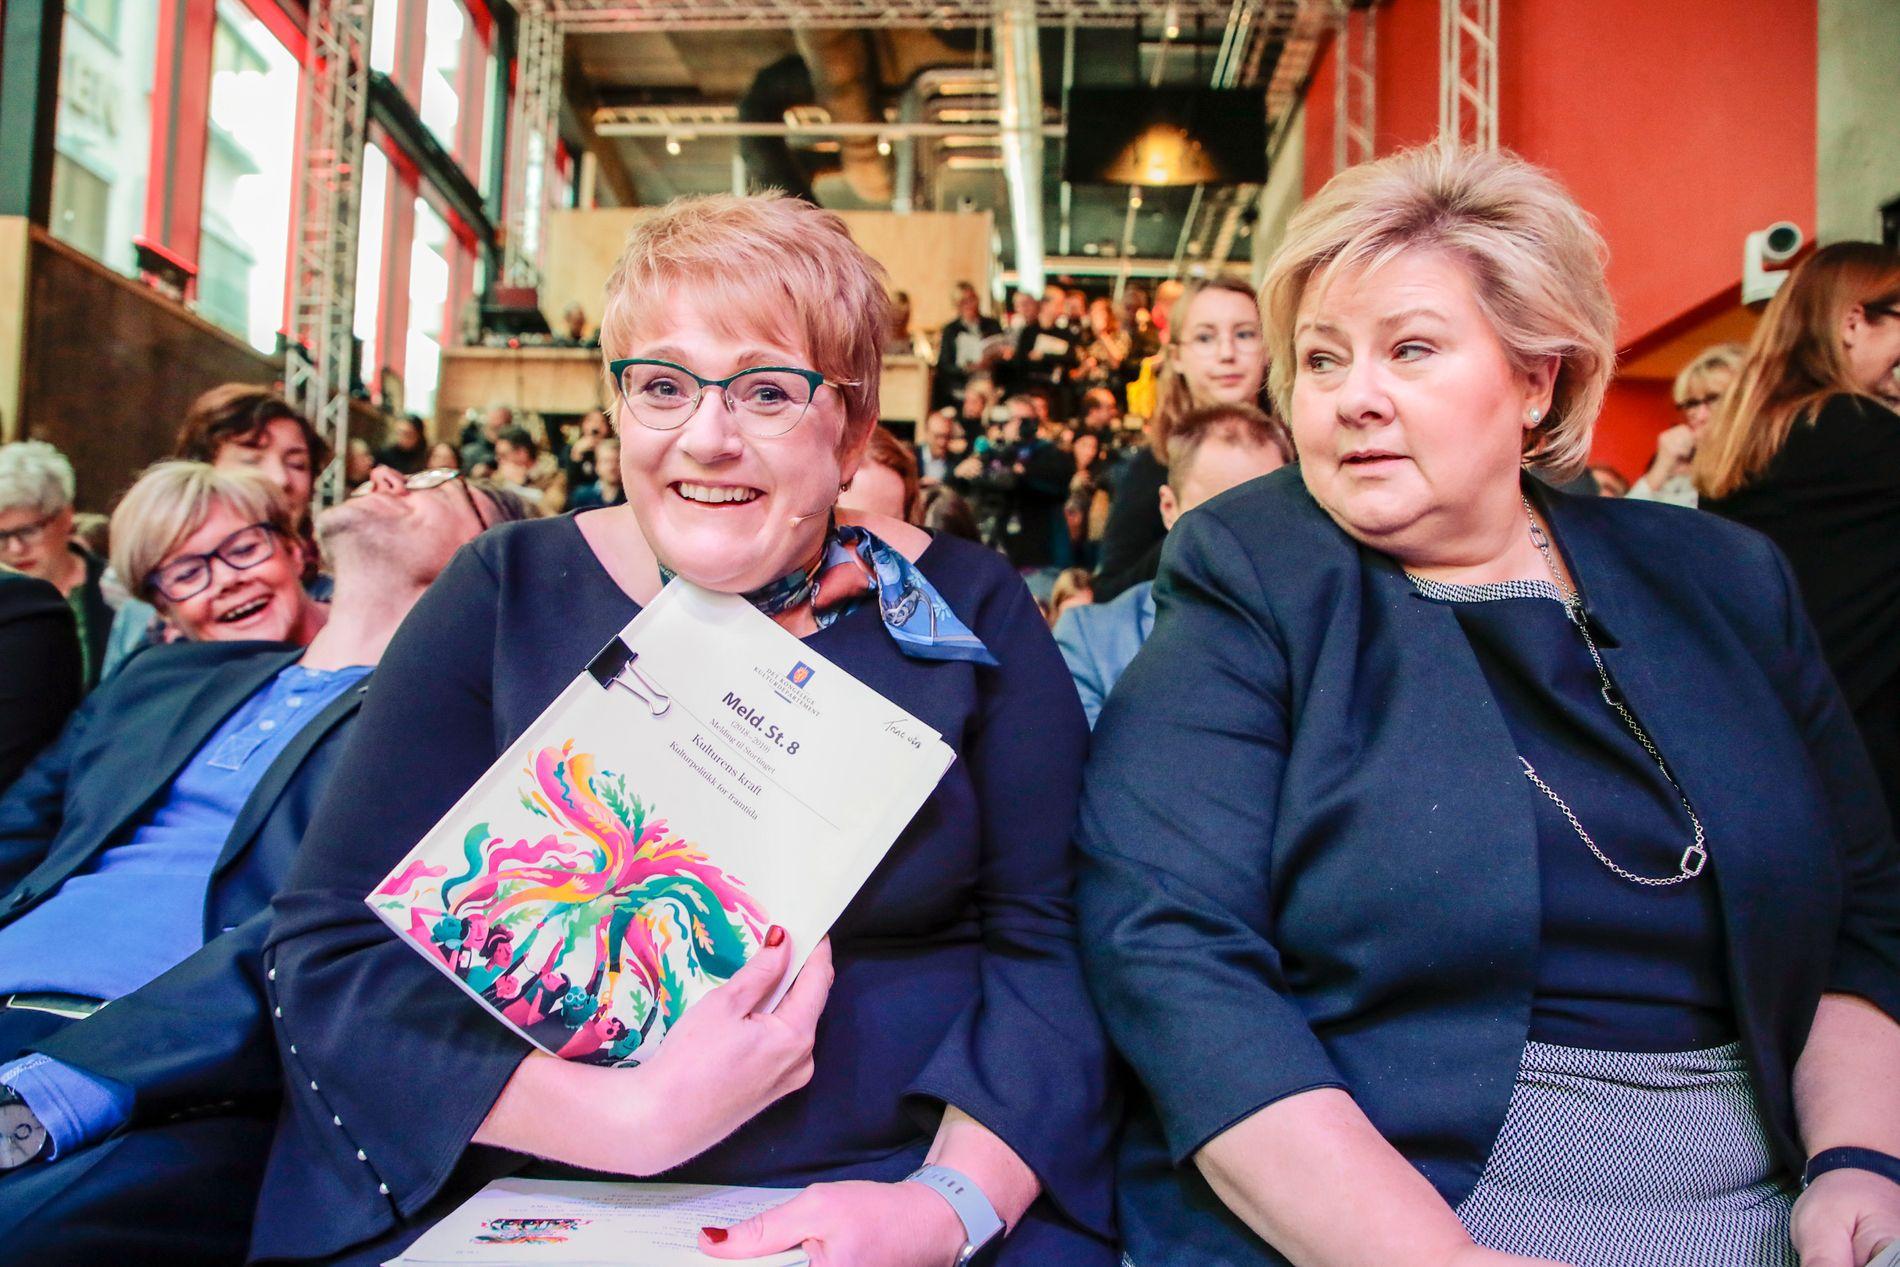 GLADMELDING? Kulturminister Trine Skei Grande (V) og statsminister Erna Solberg (H) presenterte den nye kulturmeldingen. «Trine Skei Grande var engasjert, på grensen til belærende, da hun presenterte meldingen i Oslo fredag. Mye av talen gikk med til å fortelle hva kulturlivet MÅ eller SKAL gjøre de neste årene. Problemet er at Grande er svært lite konkret på hva det KAN gjøre», skriver Frode Bjerkestrand.